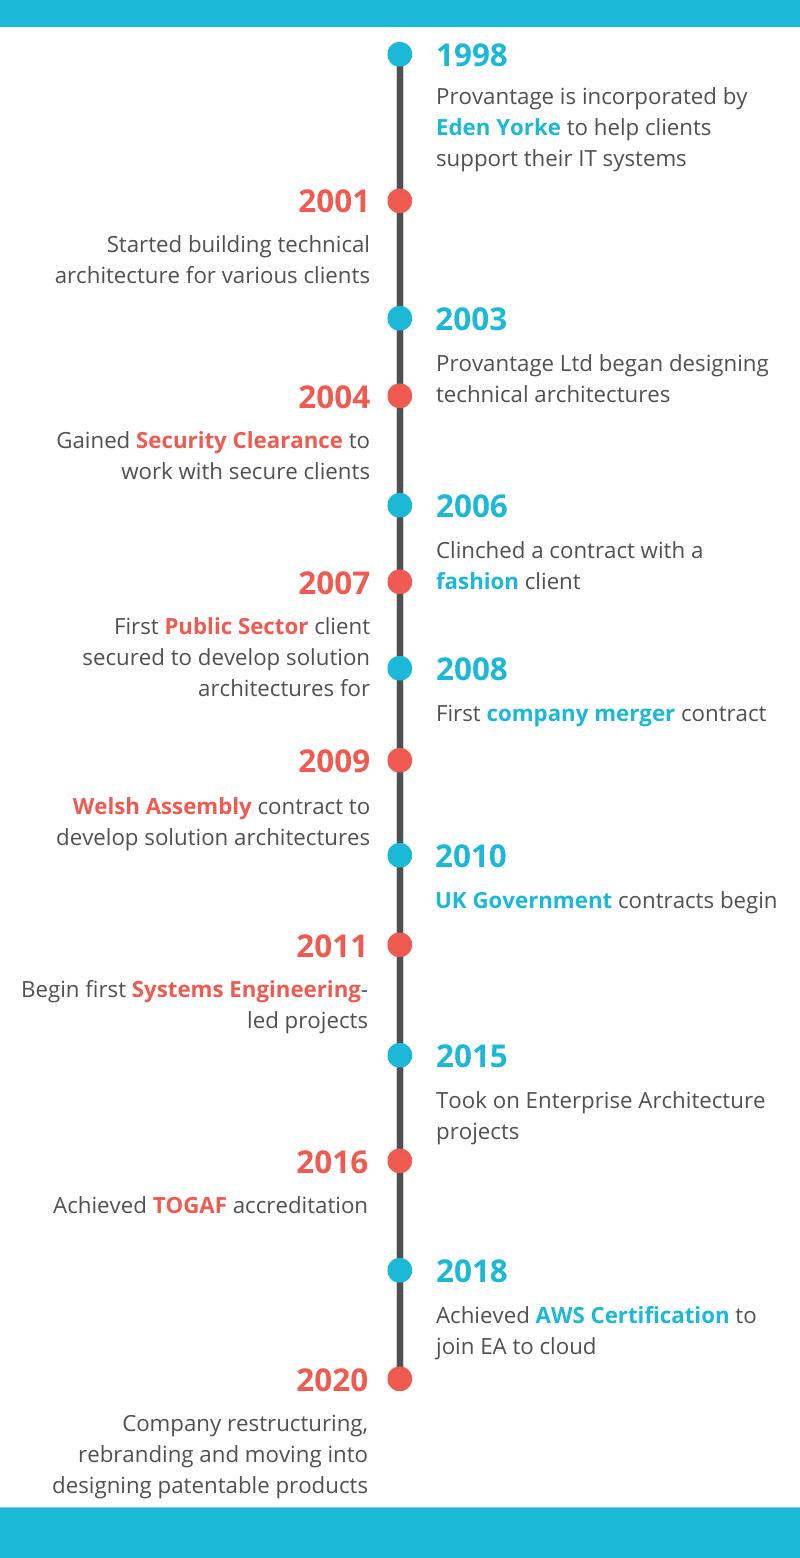 Provantage Timeline